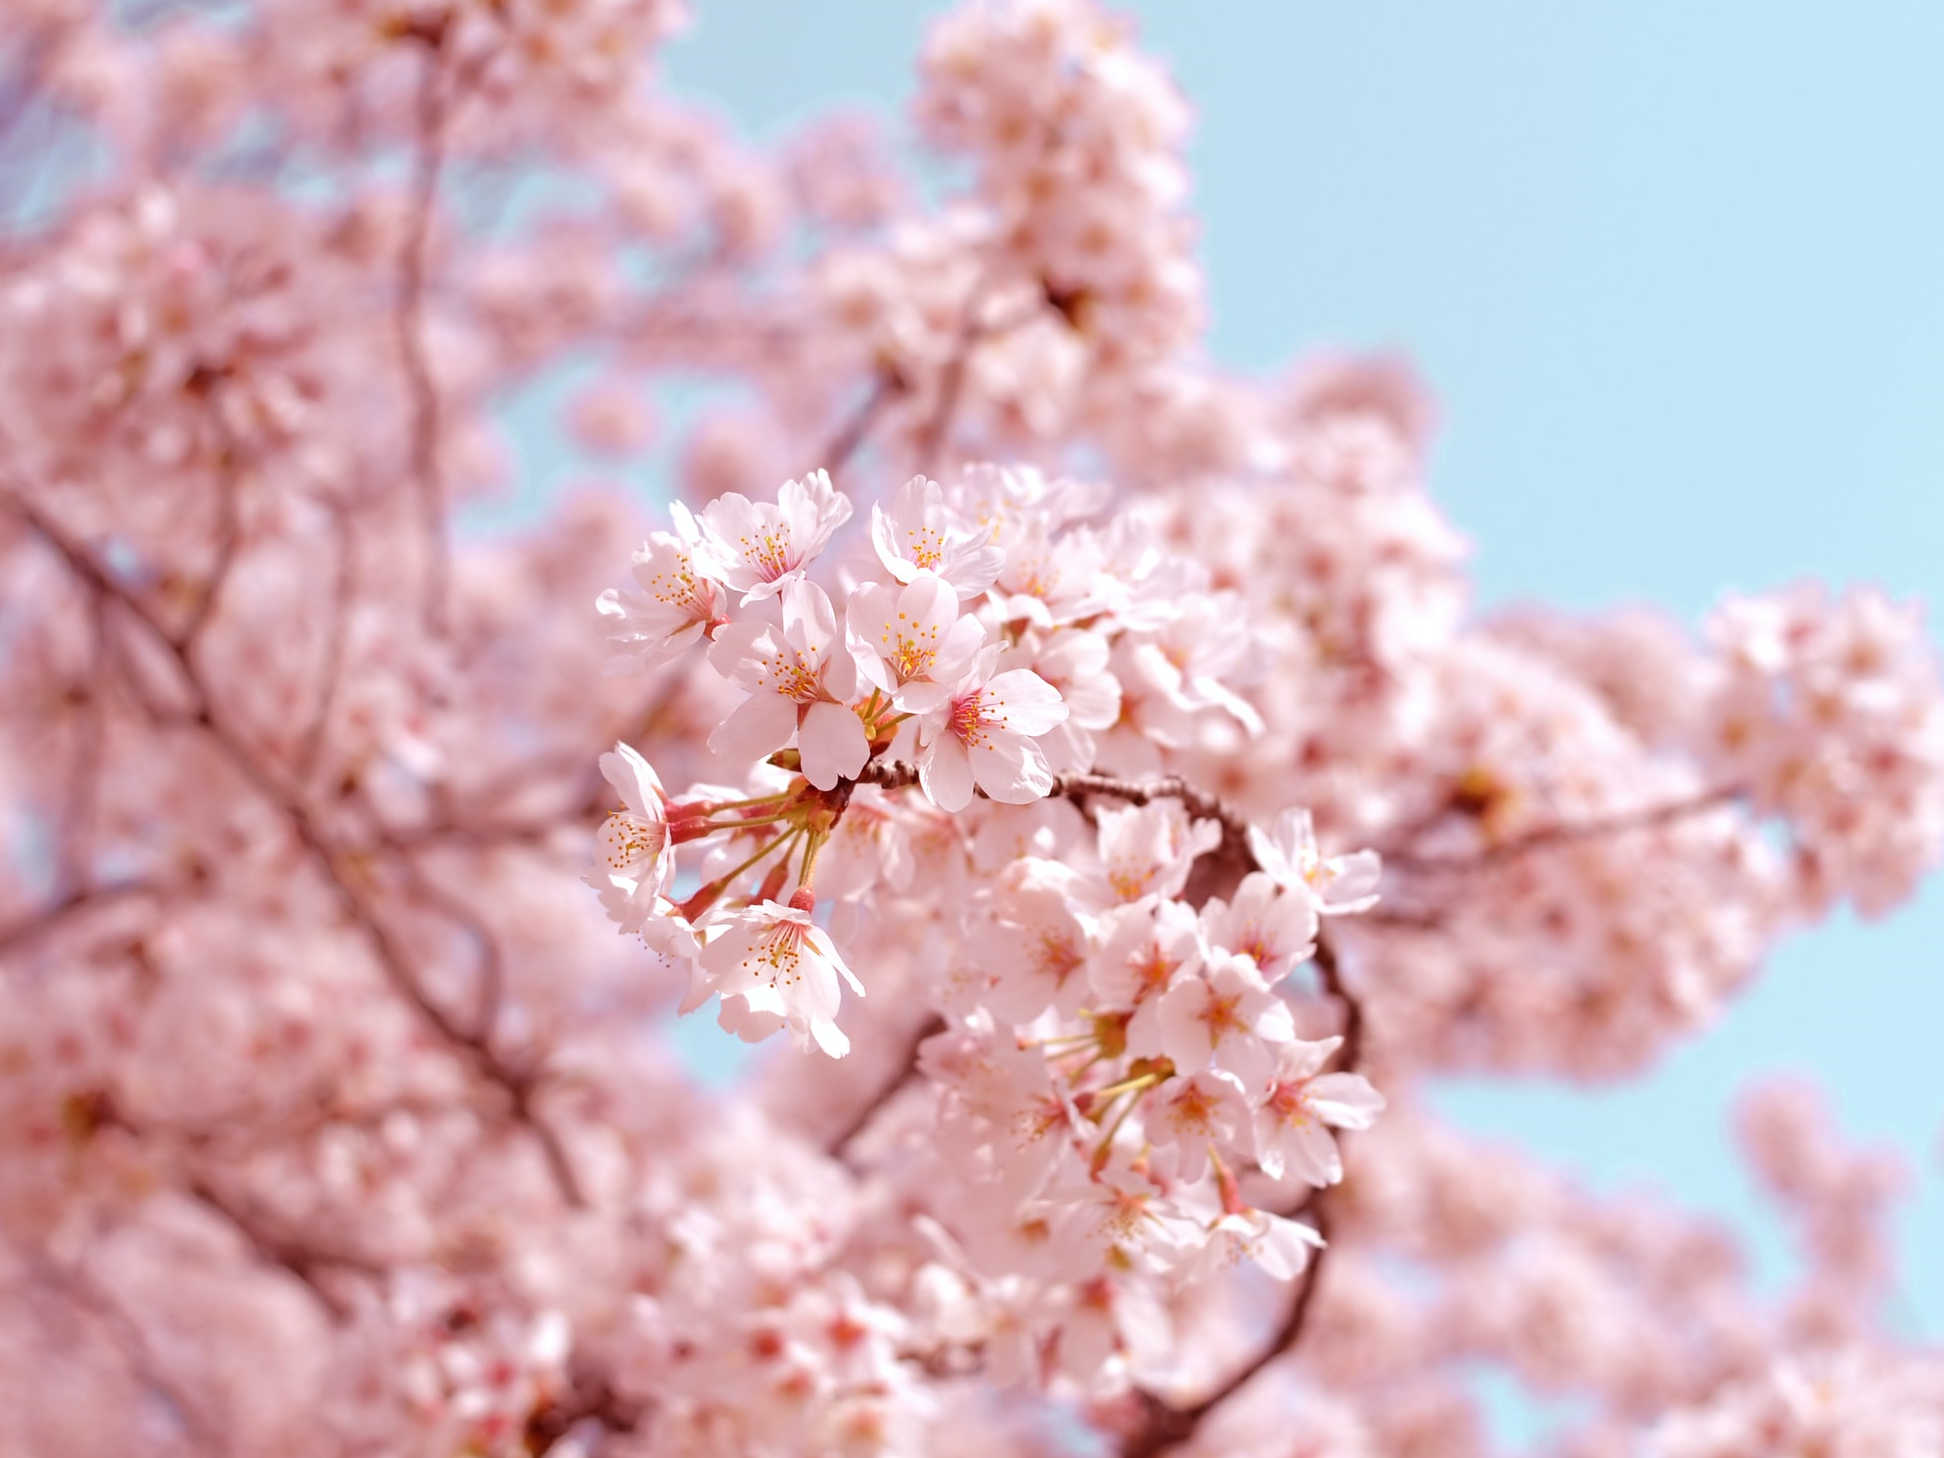 La gioia nella contemplazione dei sakura in Giappone